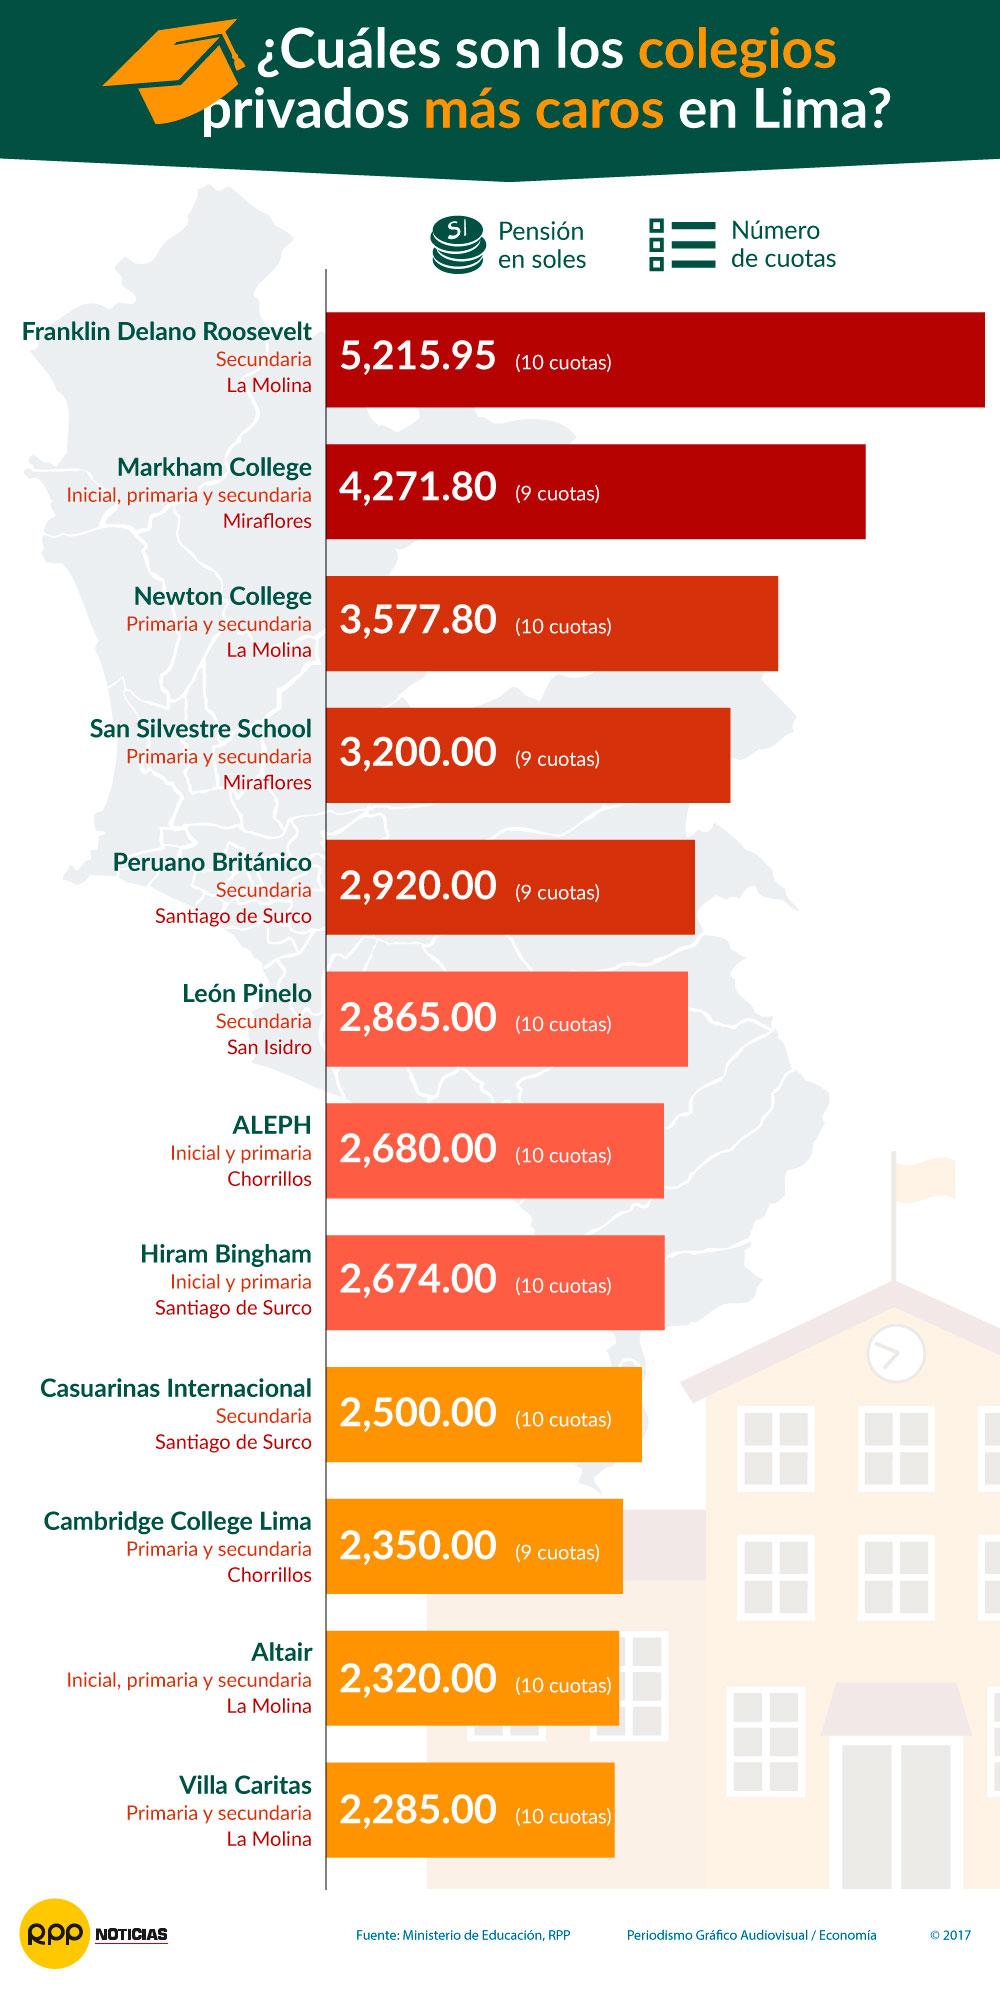 Los colegios privados más caros de Lima.